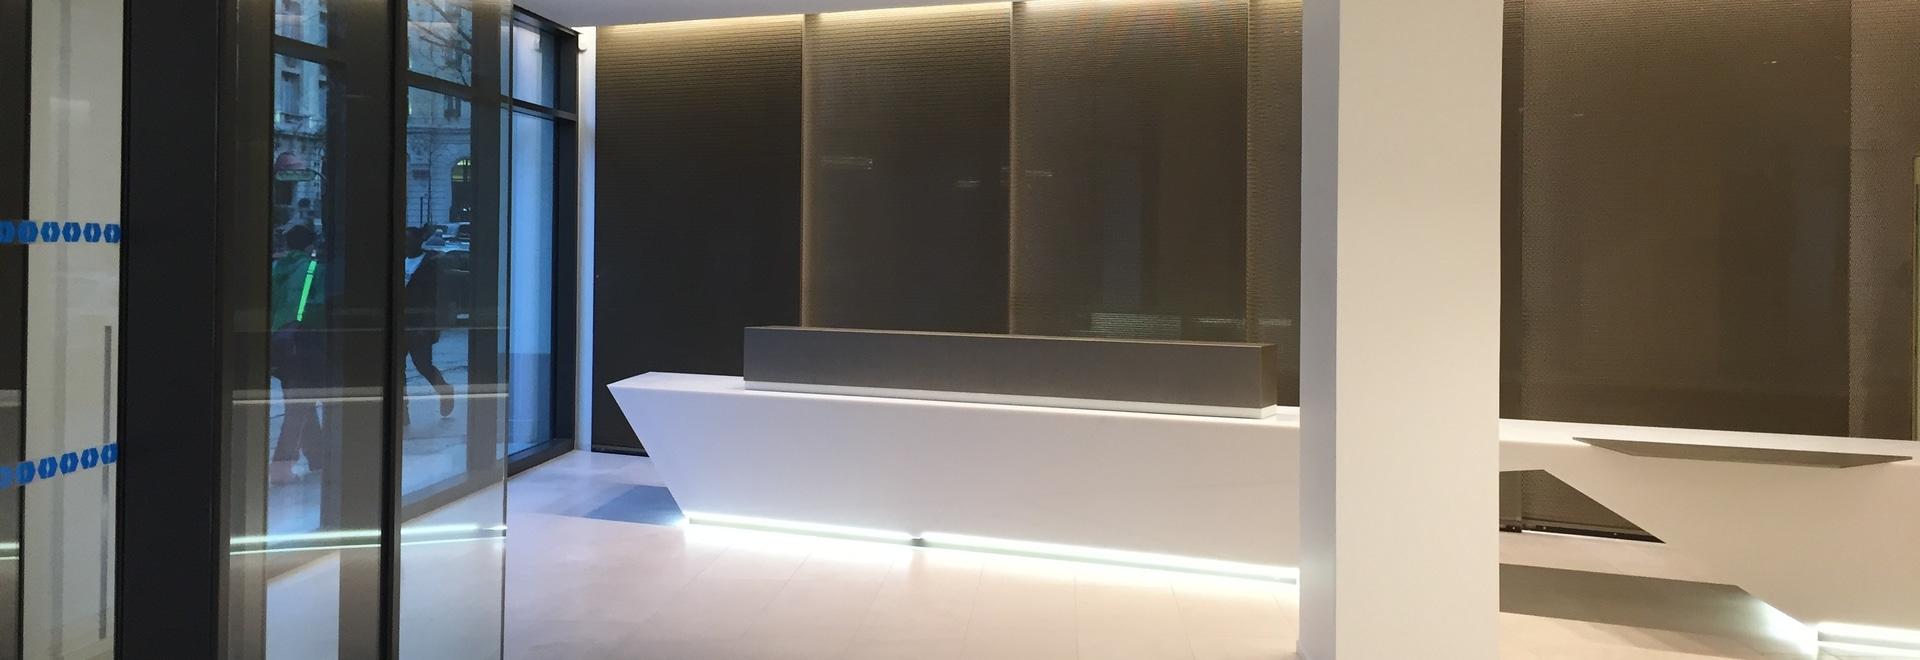 Proyecto de Codina Architectural en unas oficinas de la rue Kleber, Paris (Francia)